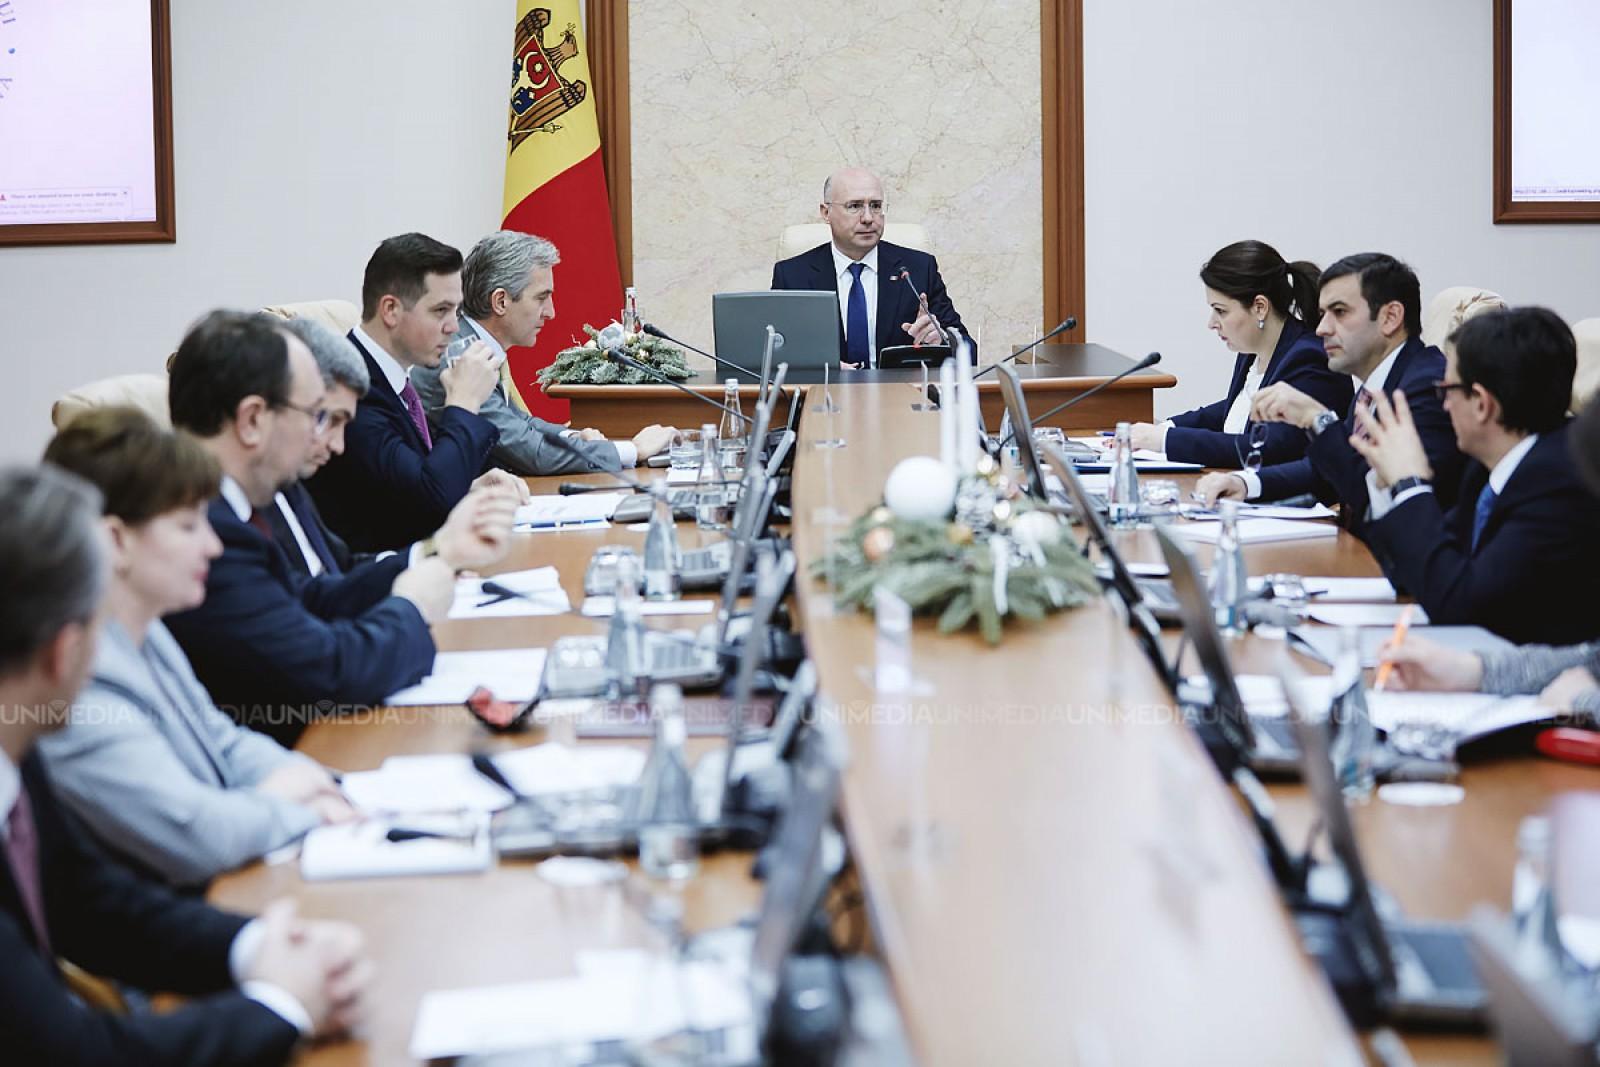 Mold-street: Cum se realizează una din cele 7 priorităţi în dezvoltarea ţării: Business: cu reguli clare de joc